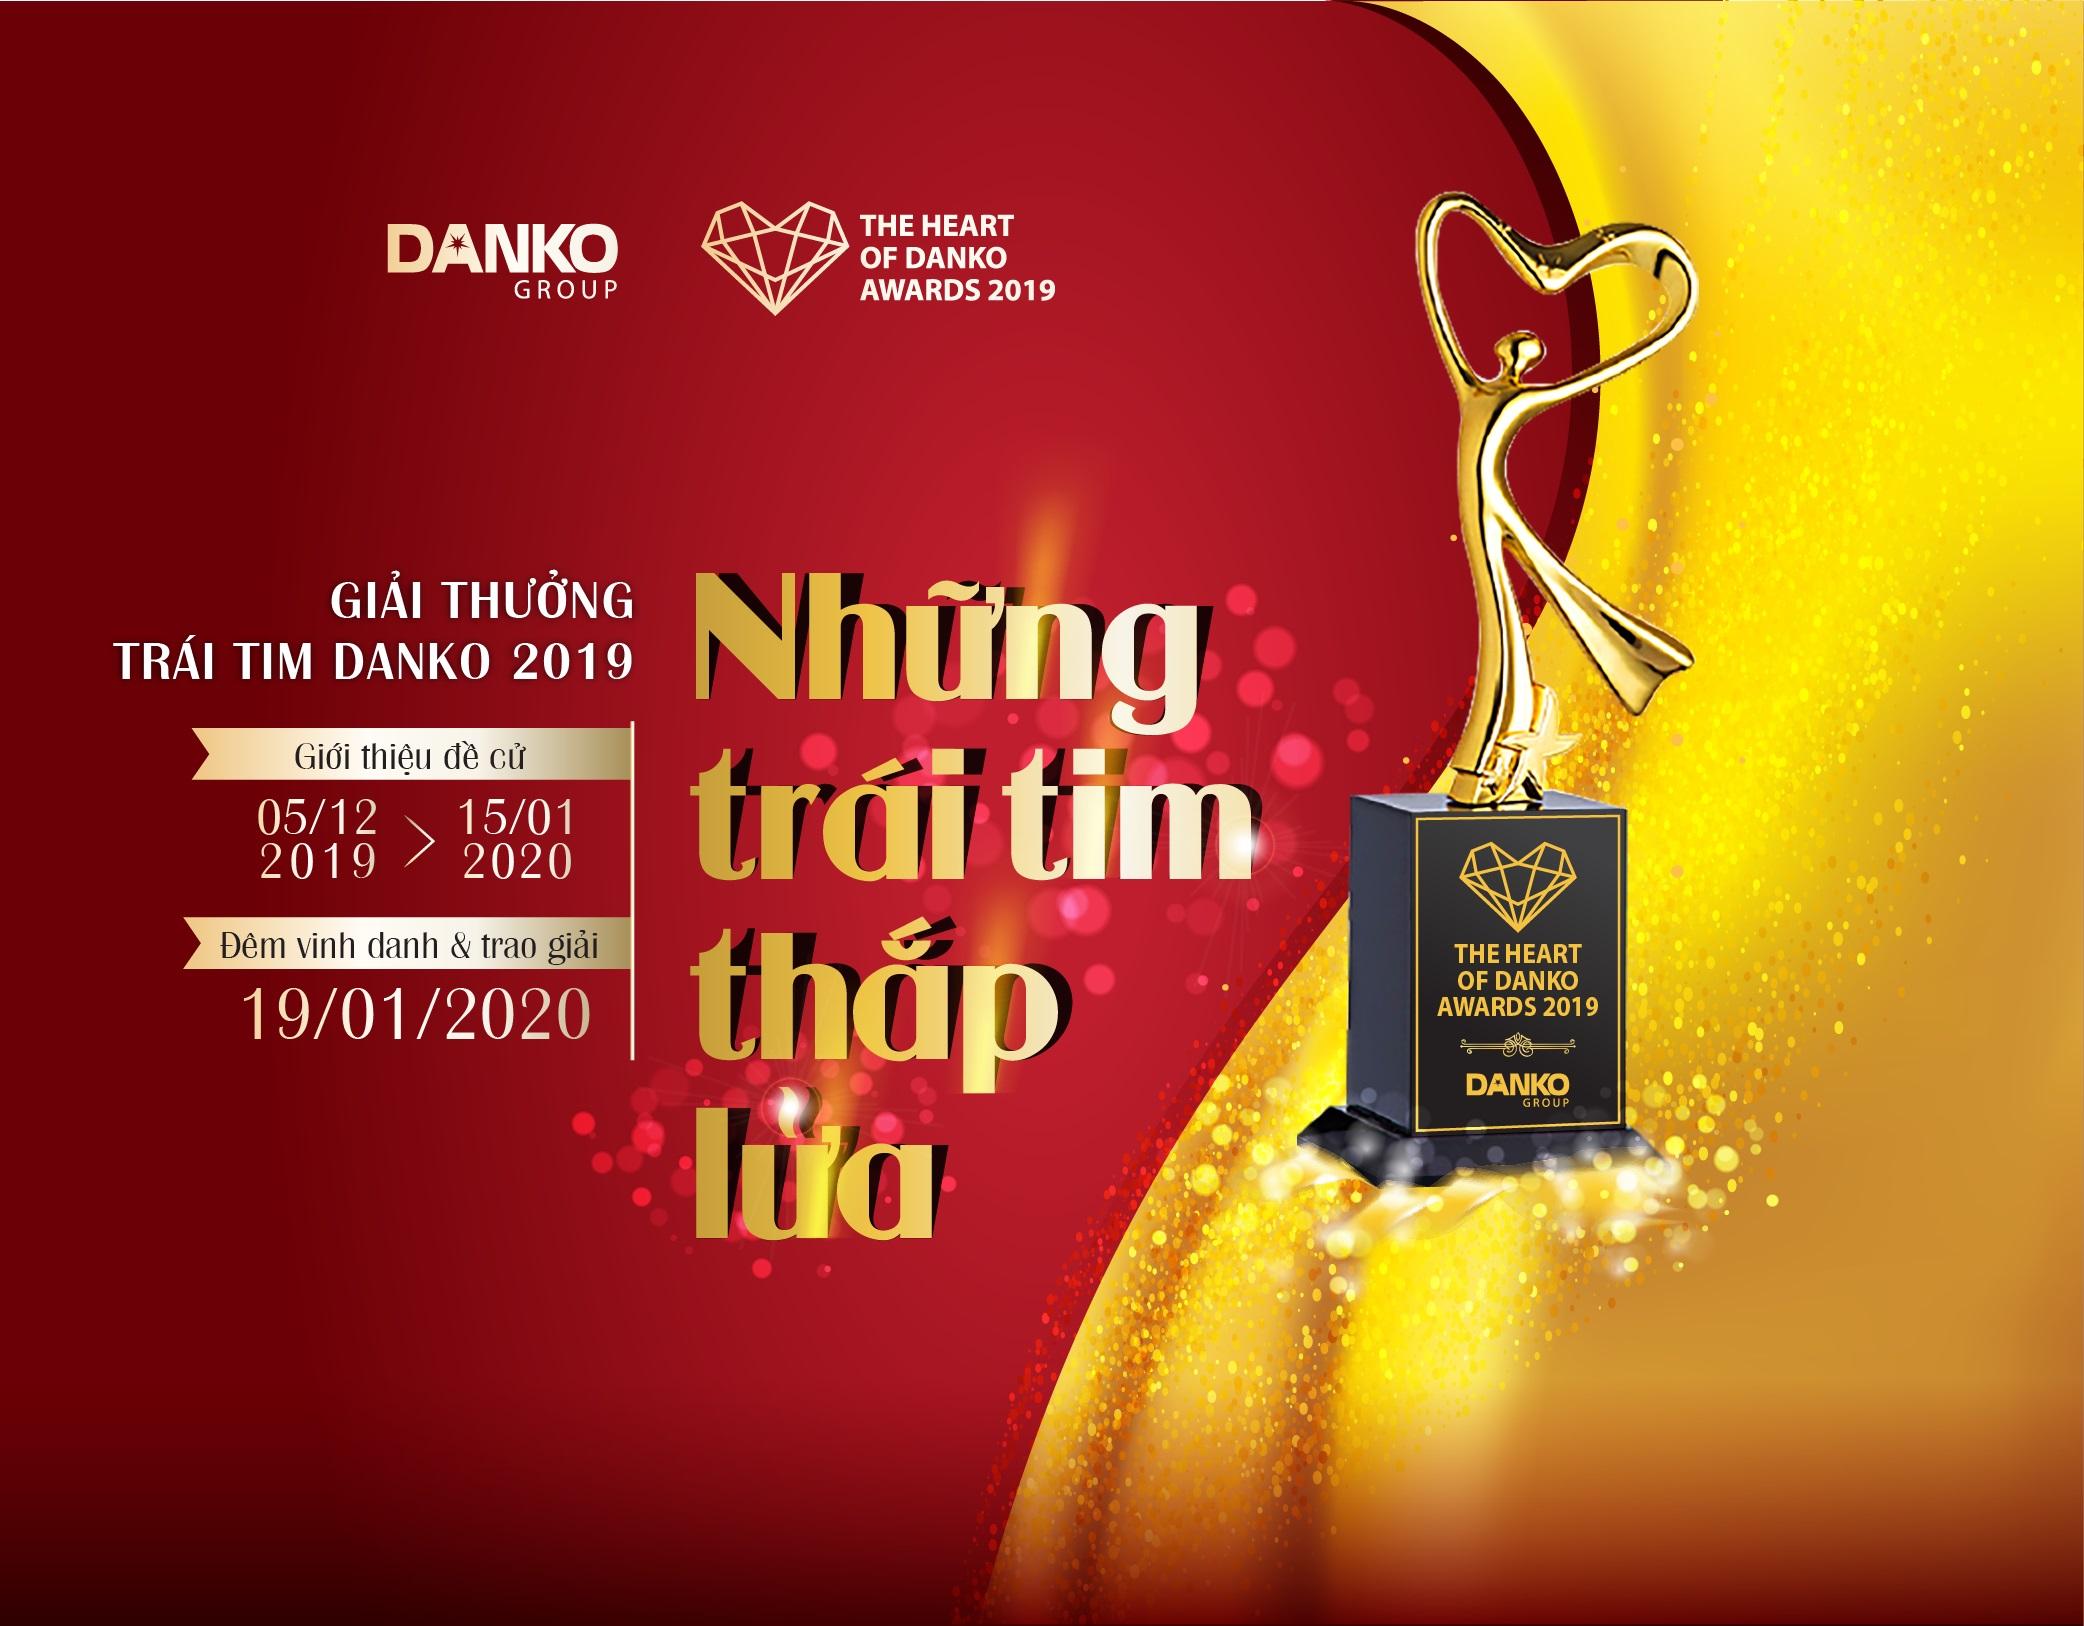 Giải thưởng Trái tim Danko 2019